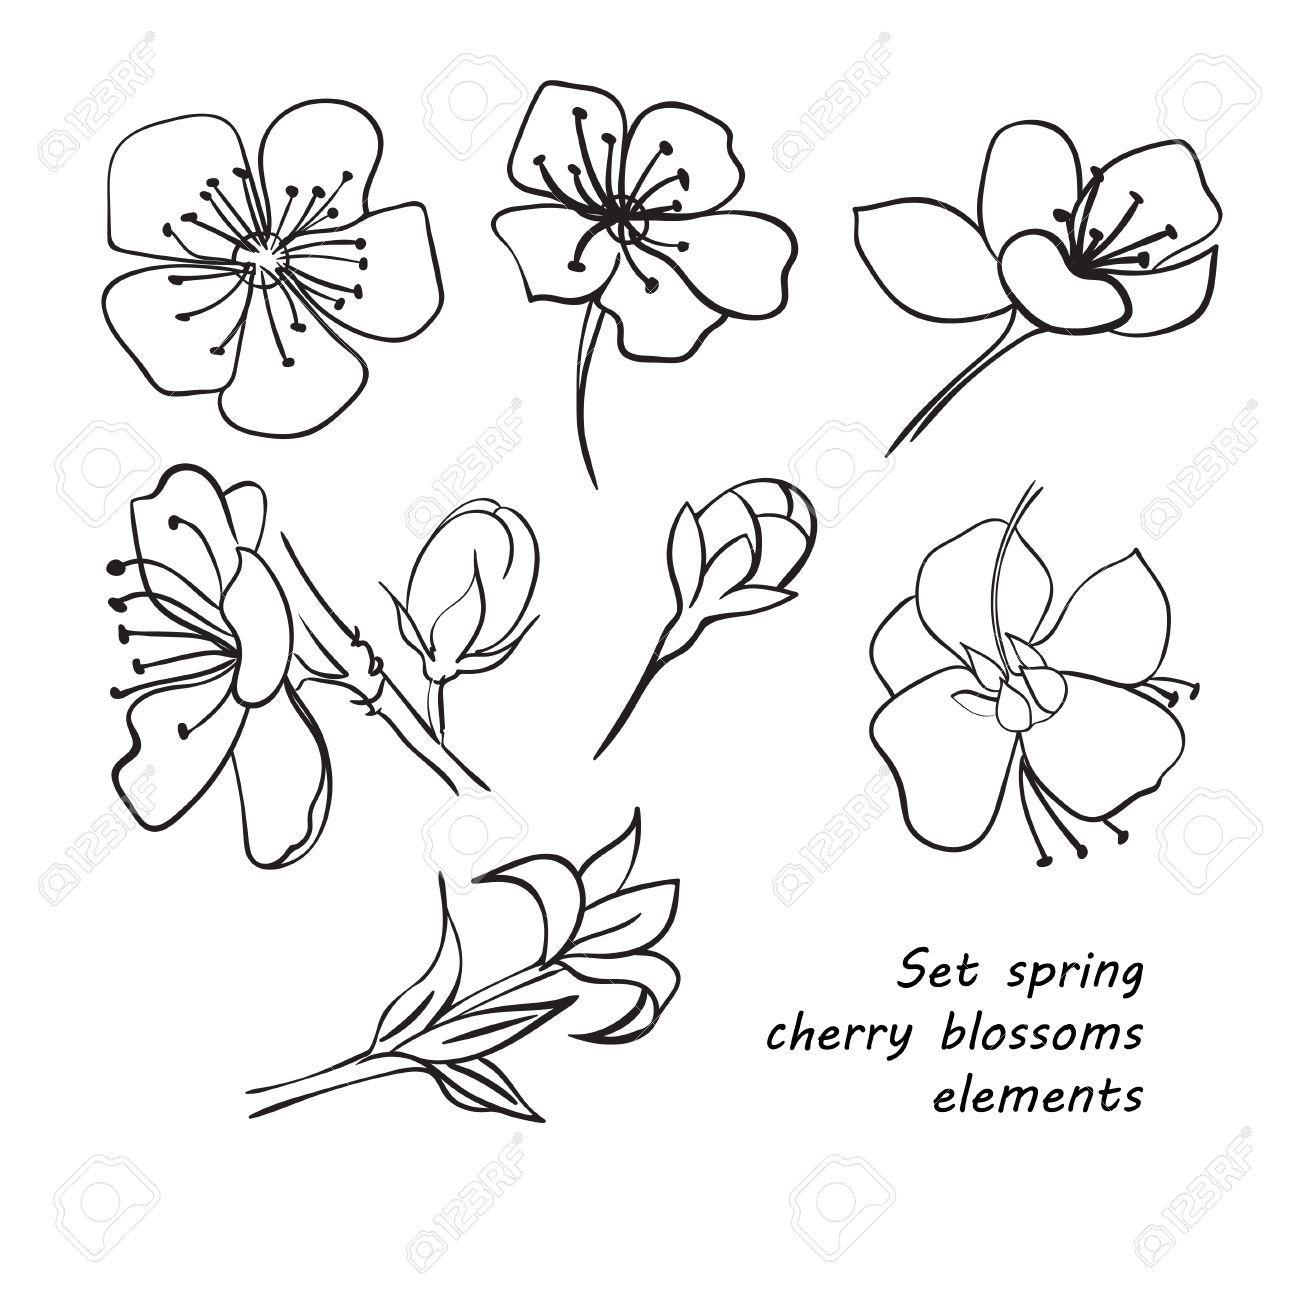 Set De Fleurs De Printemps Fleurs De Cerisier Dessin A La Main Noir Et Blanc Vector Il Fleur De Cerisier Fleur De Cerisier Dessin Comment Dessiner Une Fleur